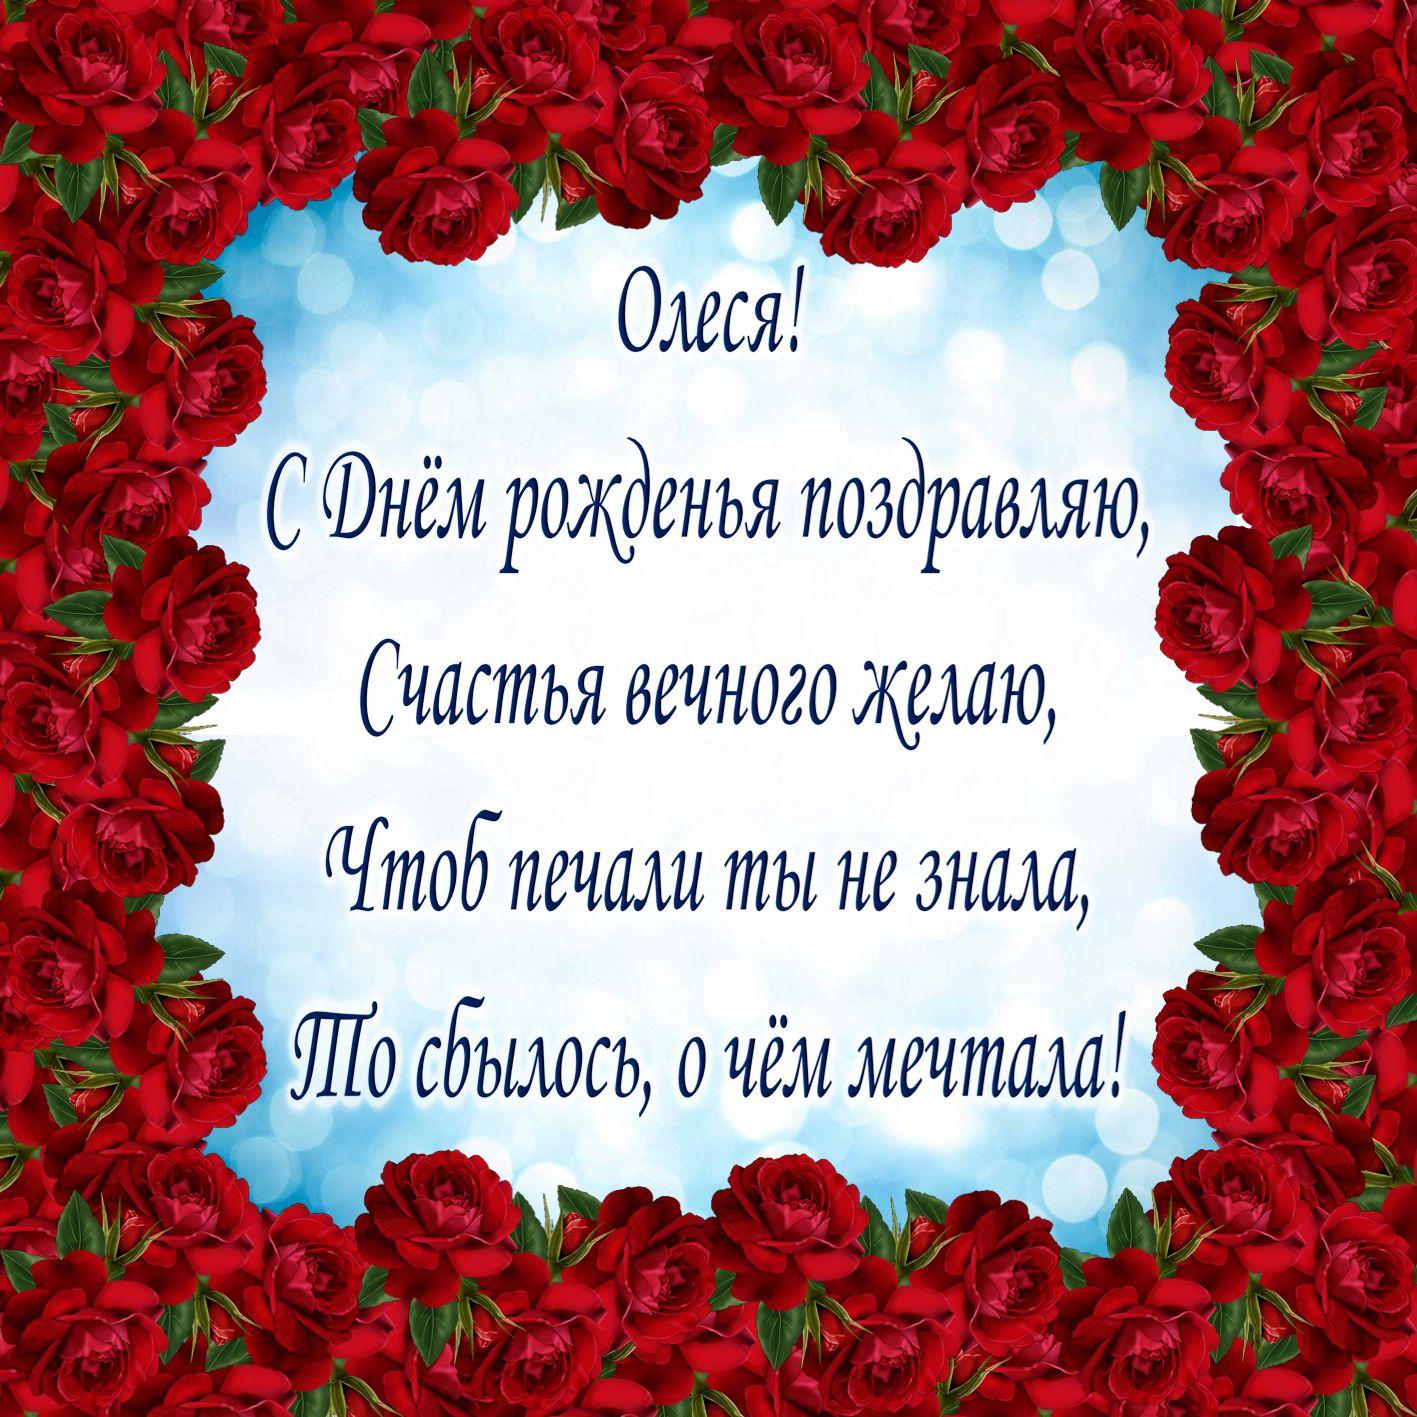 Открытка на День рождения Олесе - пожелание в стихах в обрамлении из роз